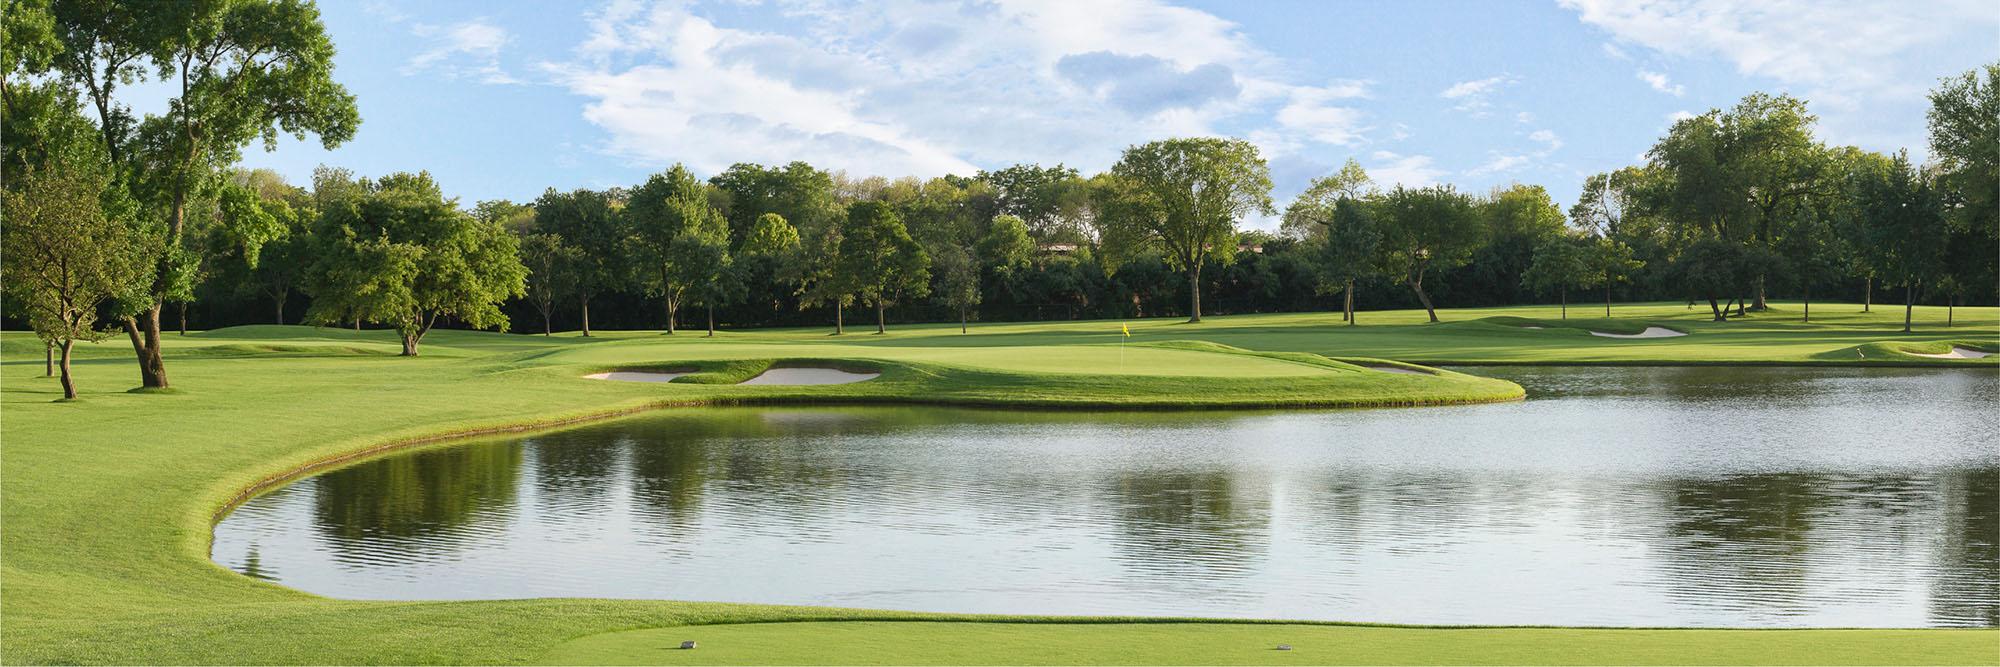 Golf Course Image - Butler National No. 5